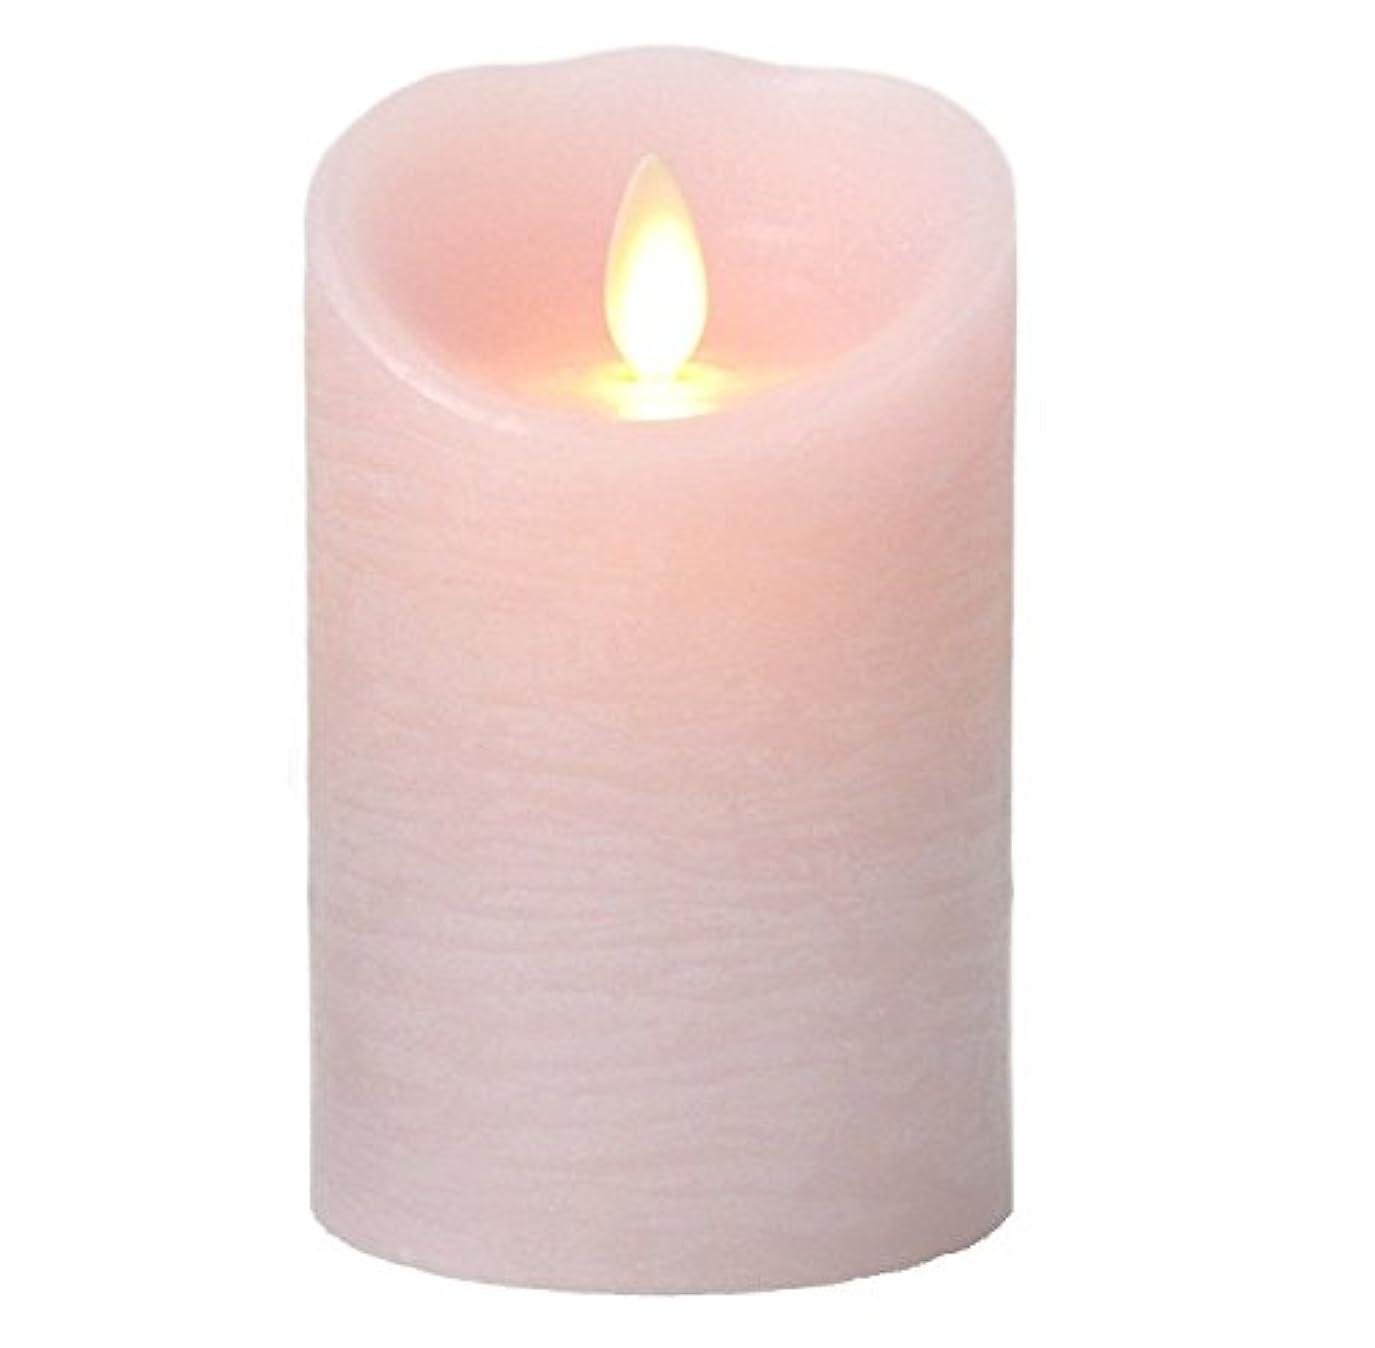 損失資本主義過敏なLUMINARA(ルミナラ)ピラー3×4【ギフトボックス付き】 「 ピンク 」 03070010BPK